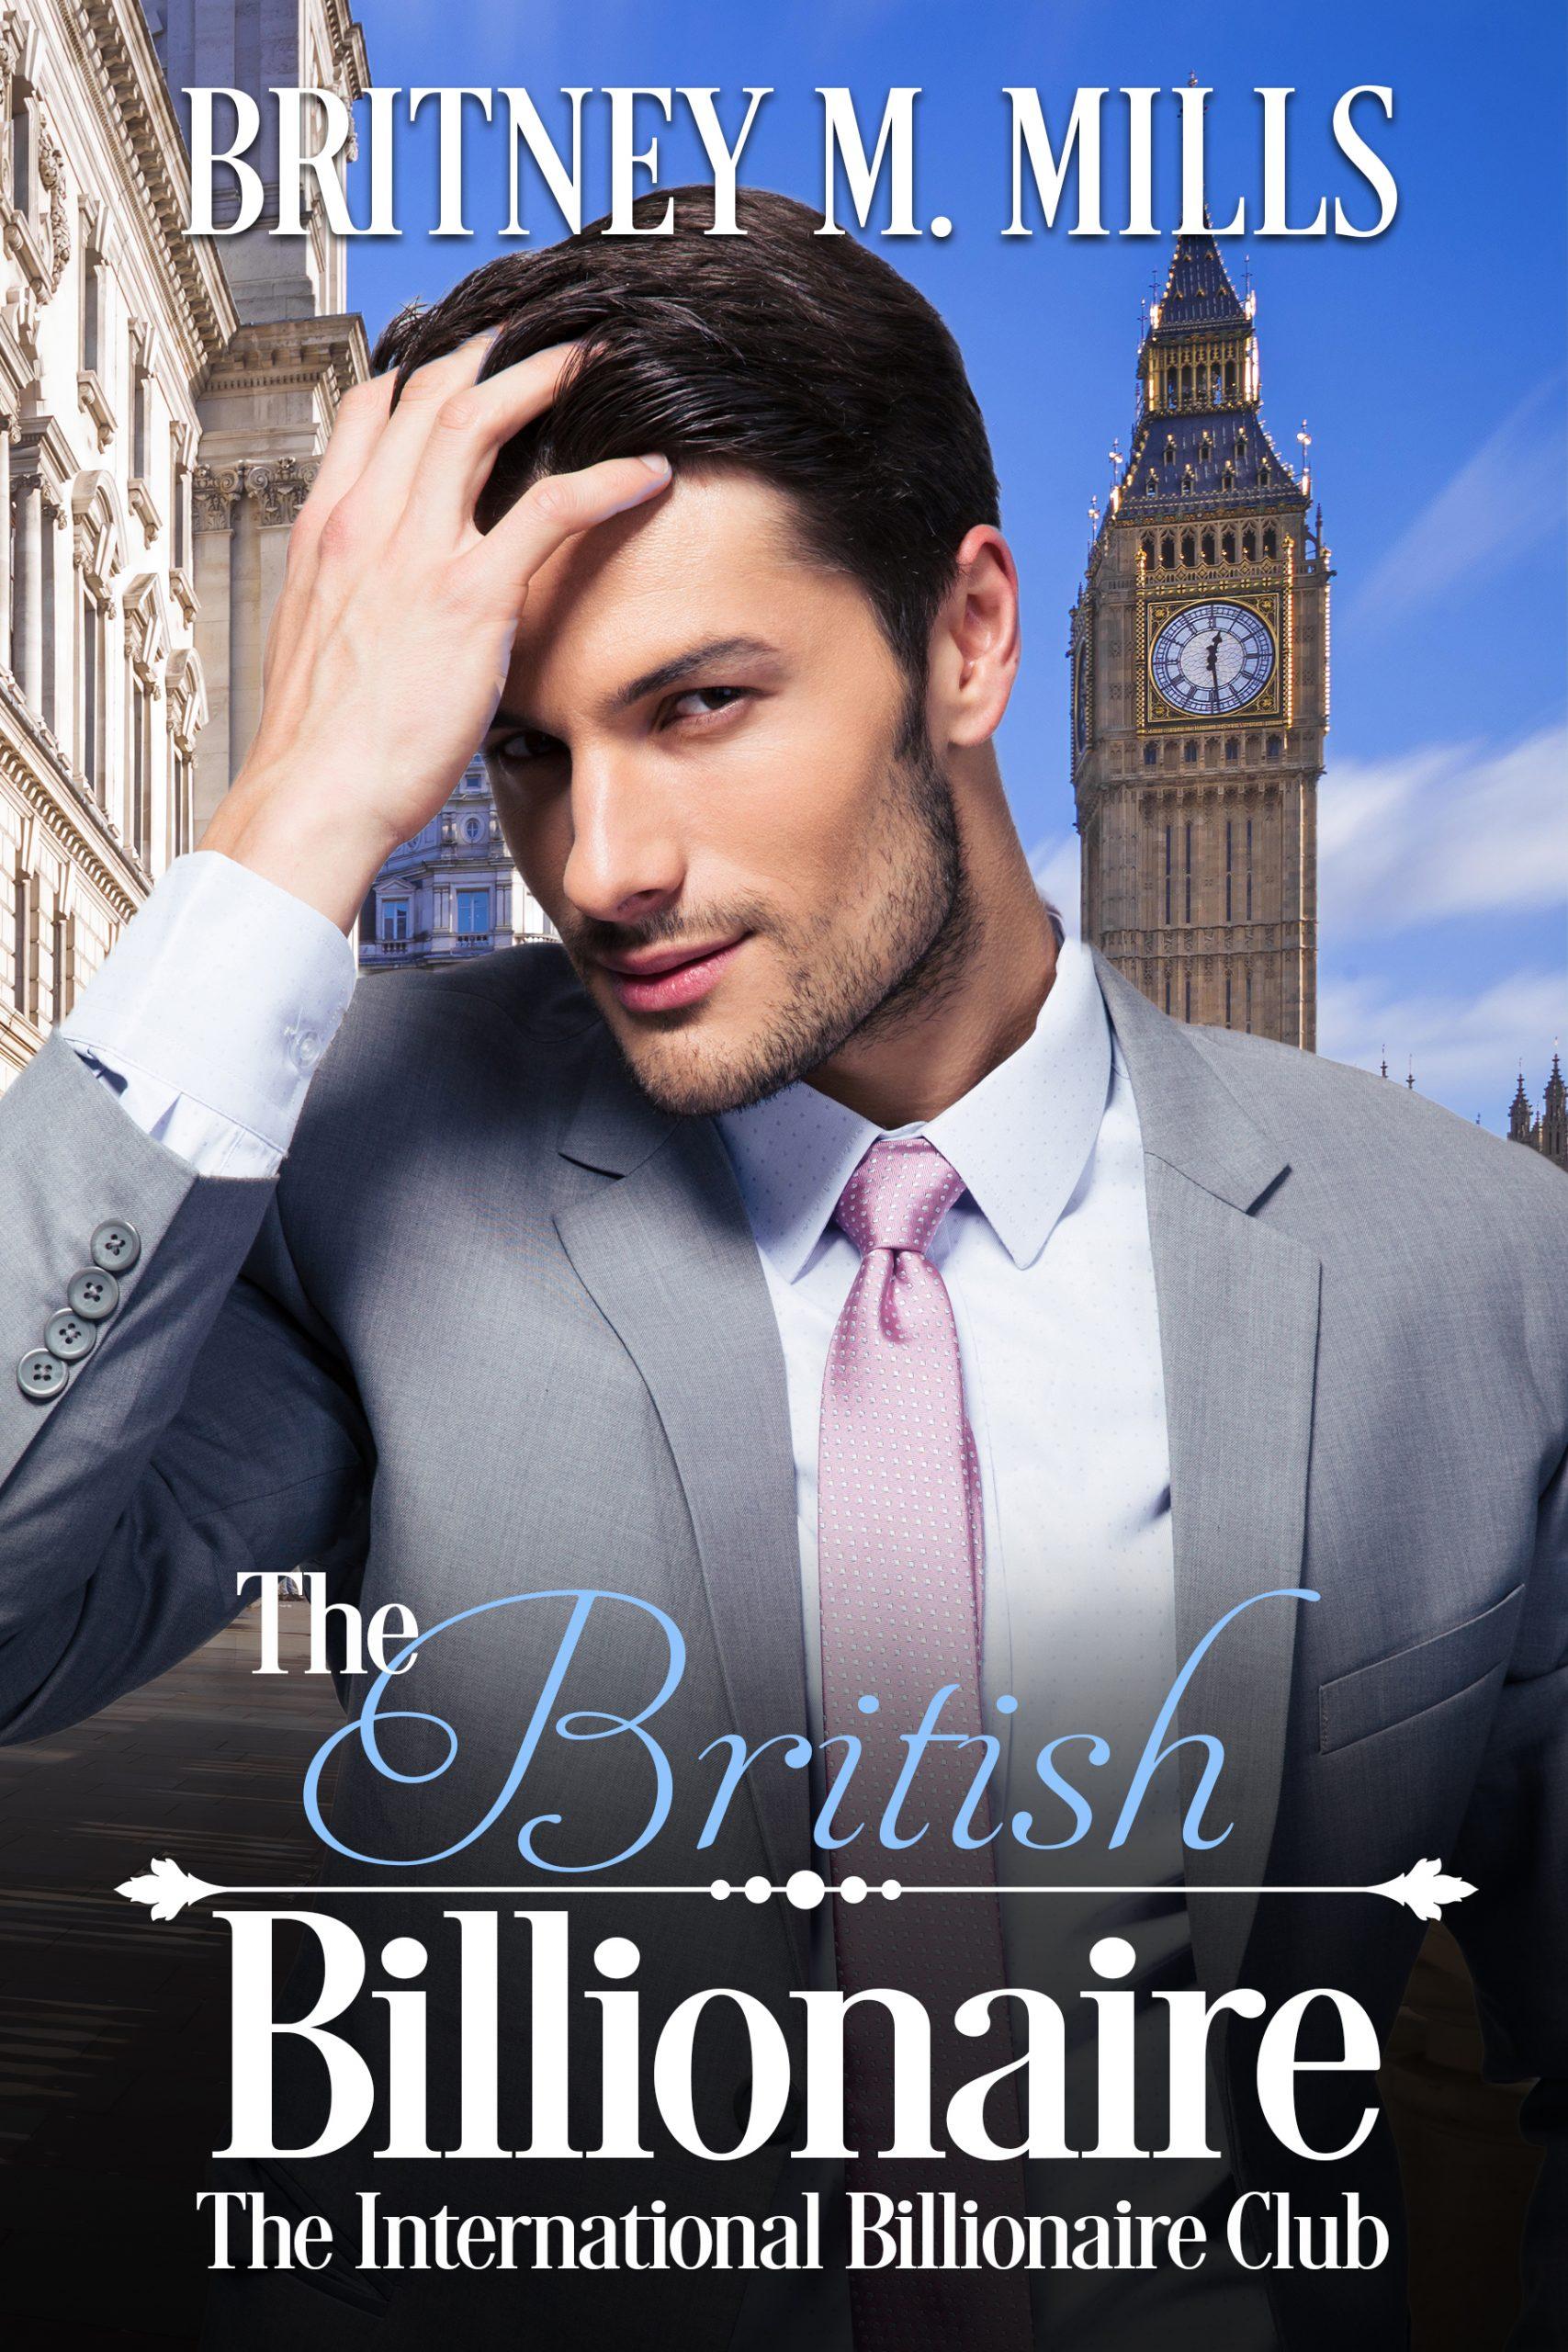 The British Billionaire by Britney M. Mills l International Billionaire Club Series